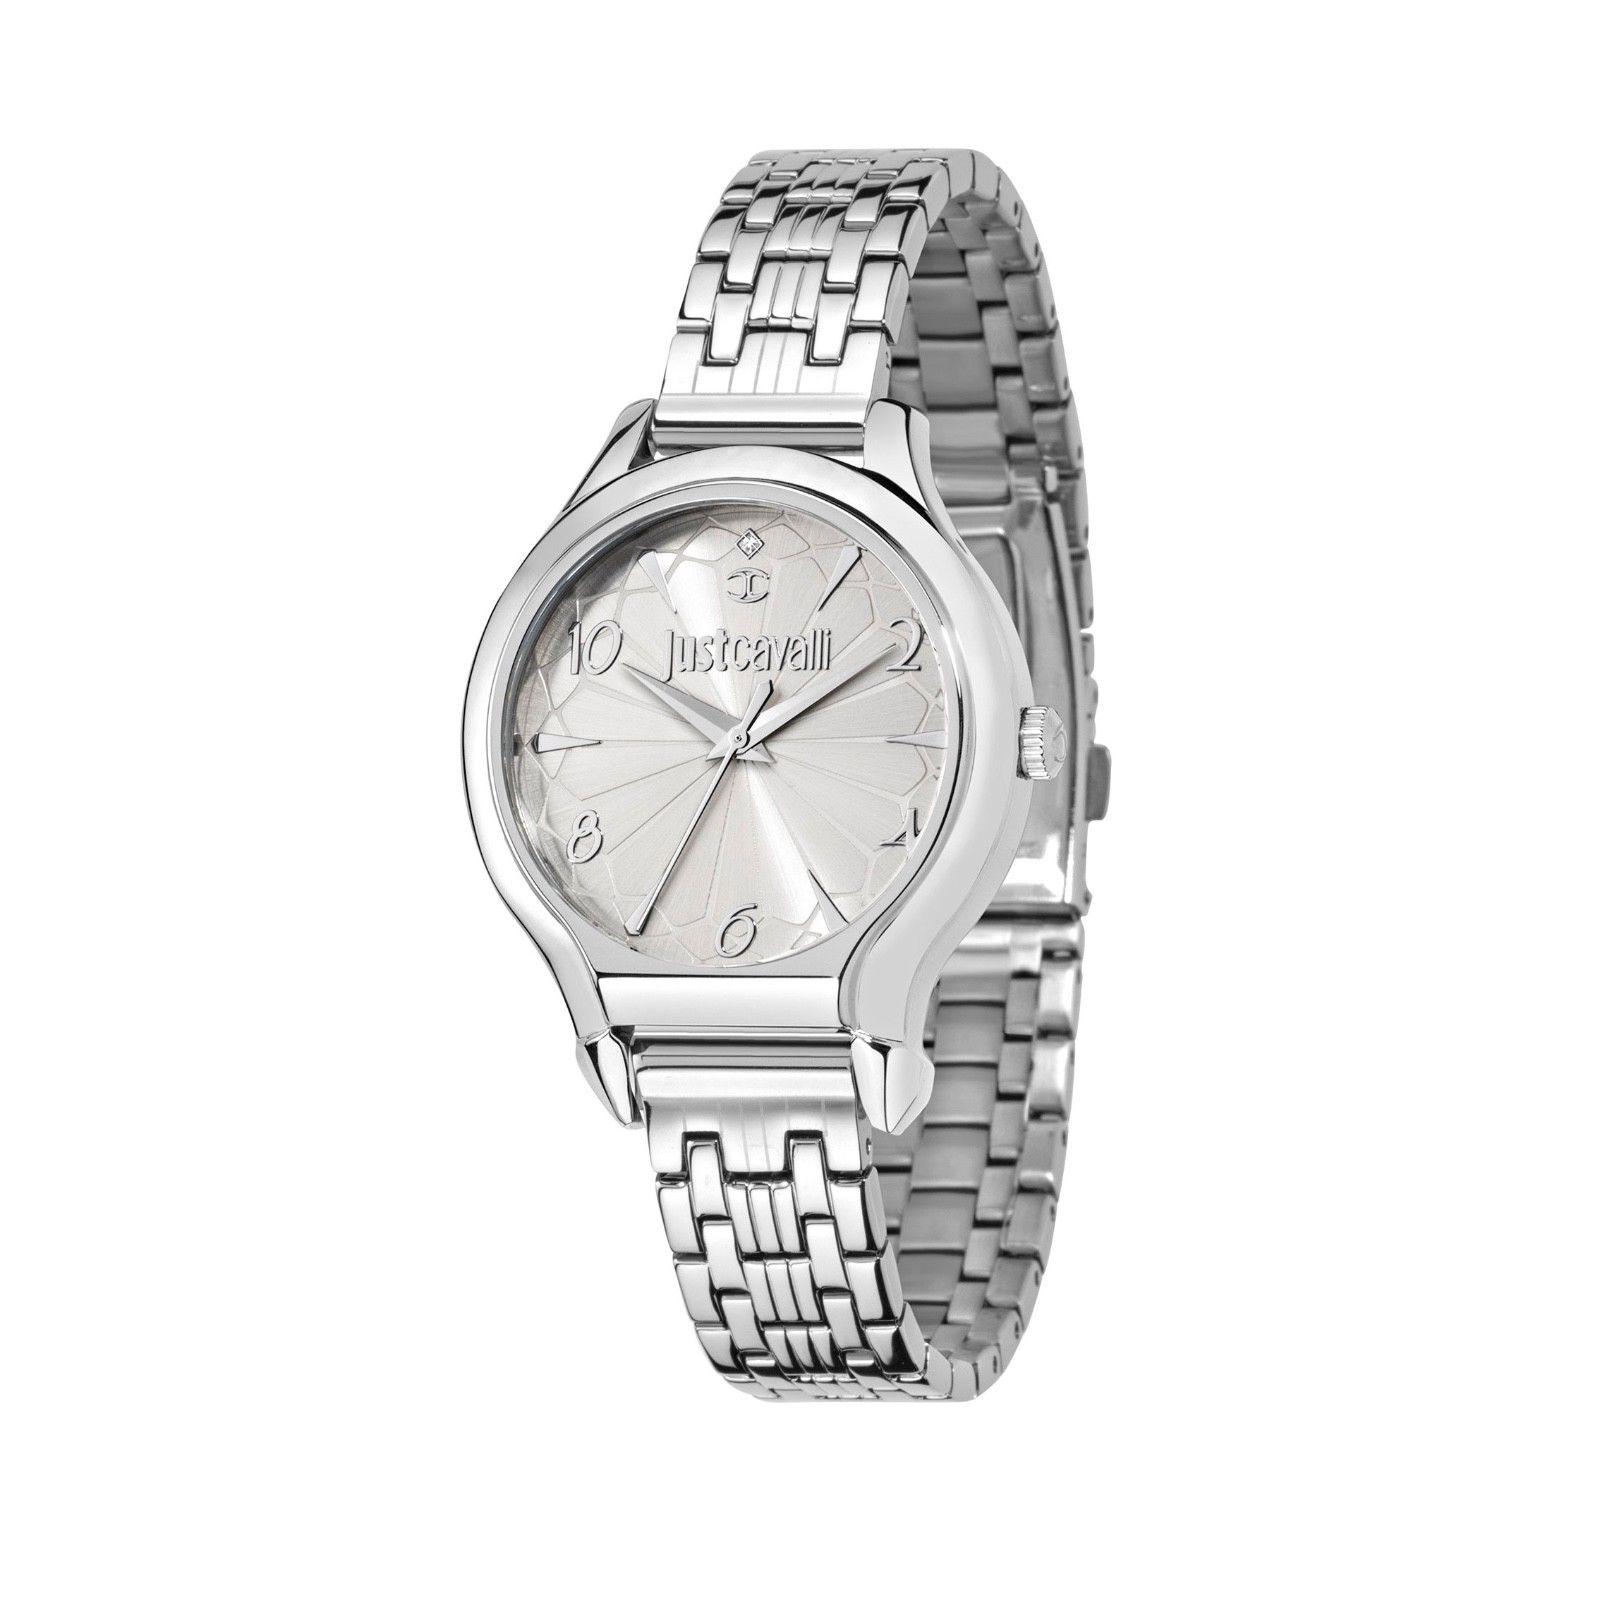 Just Cavalli dámske luxusné hodinky strieborné 5e7dadd33f